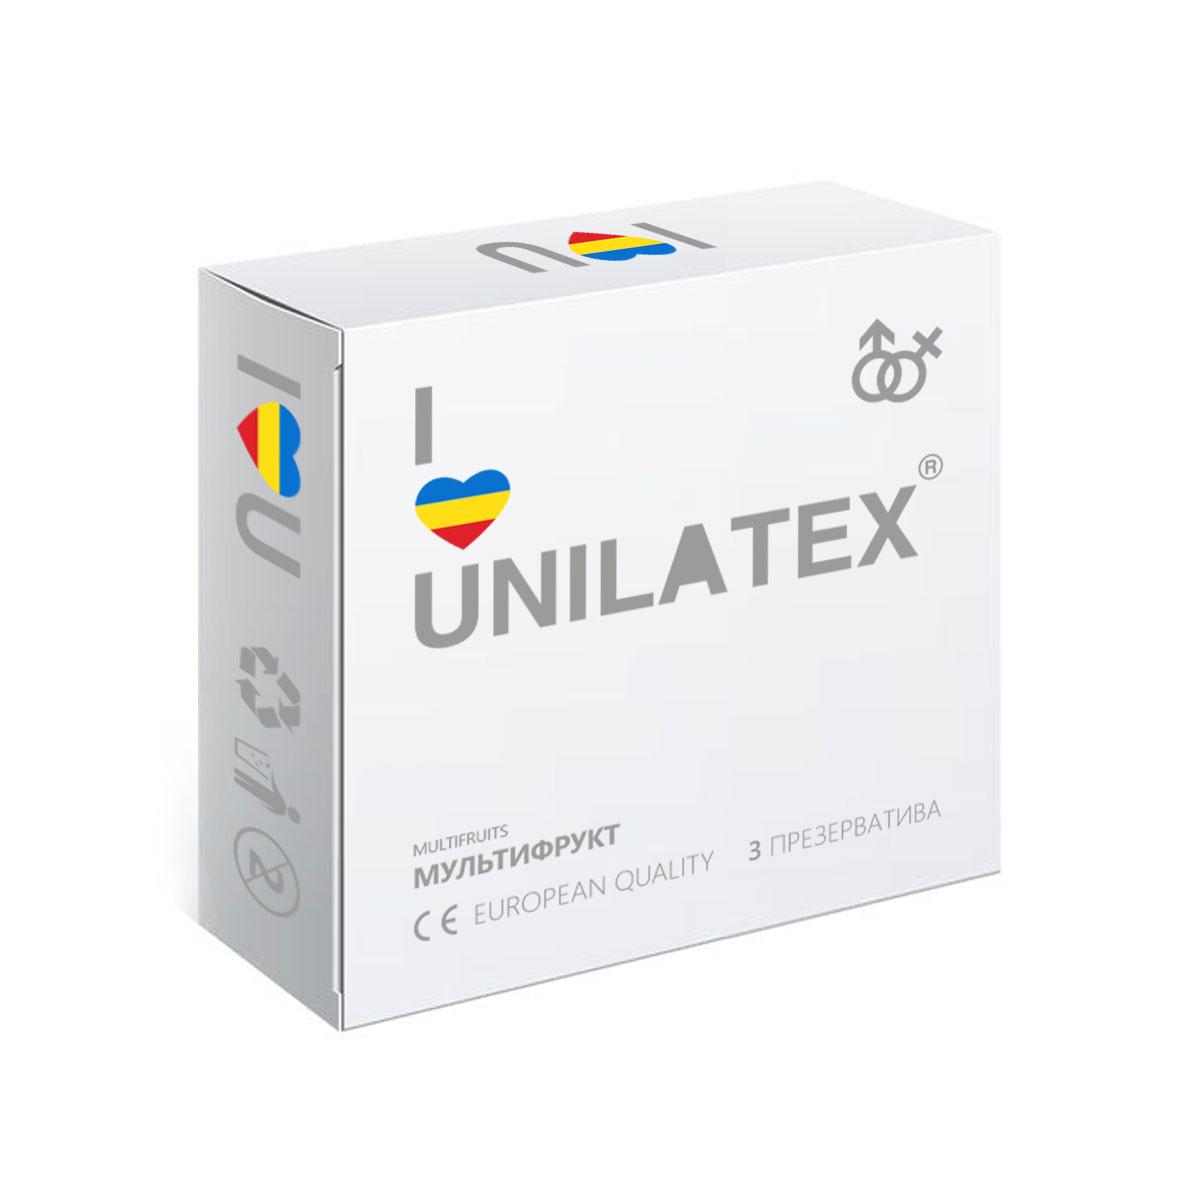 Презервативы Unilatex Multifruits, 3 штRef. 3003Ароматизированные презервативы из натурального латекса красного, желтого и синего цветов, покрыты силиконовой смазкой с ароматами клубники, банана и мультифрукта.